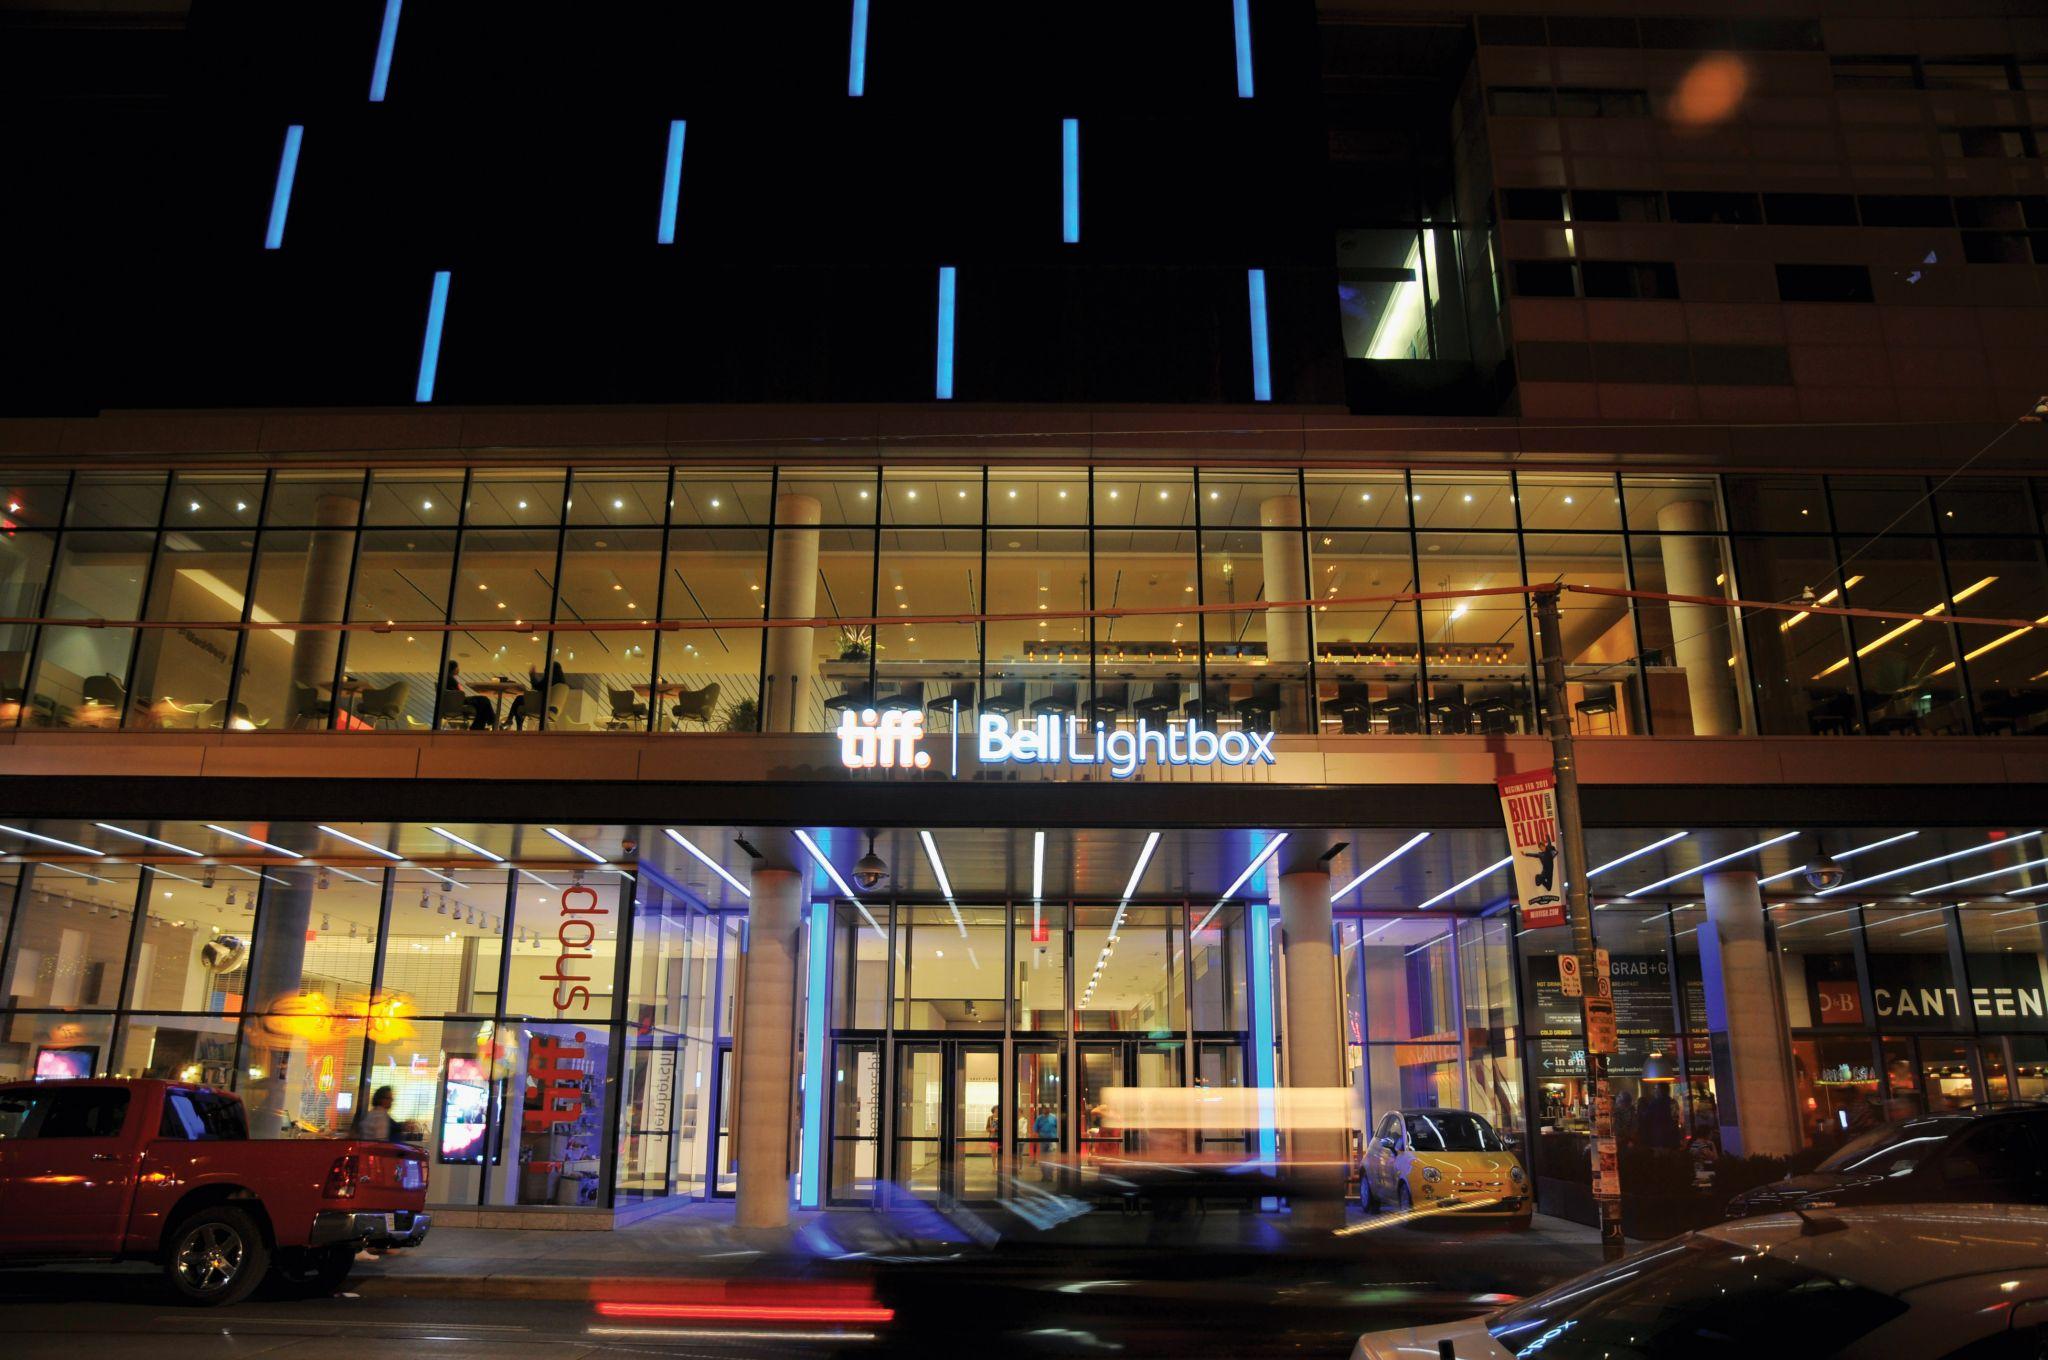 Tiff Bell Lightbox at night exterior shot